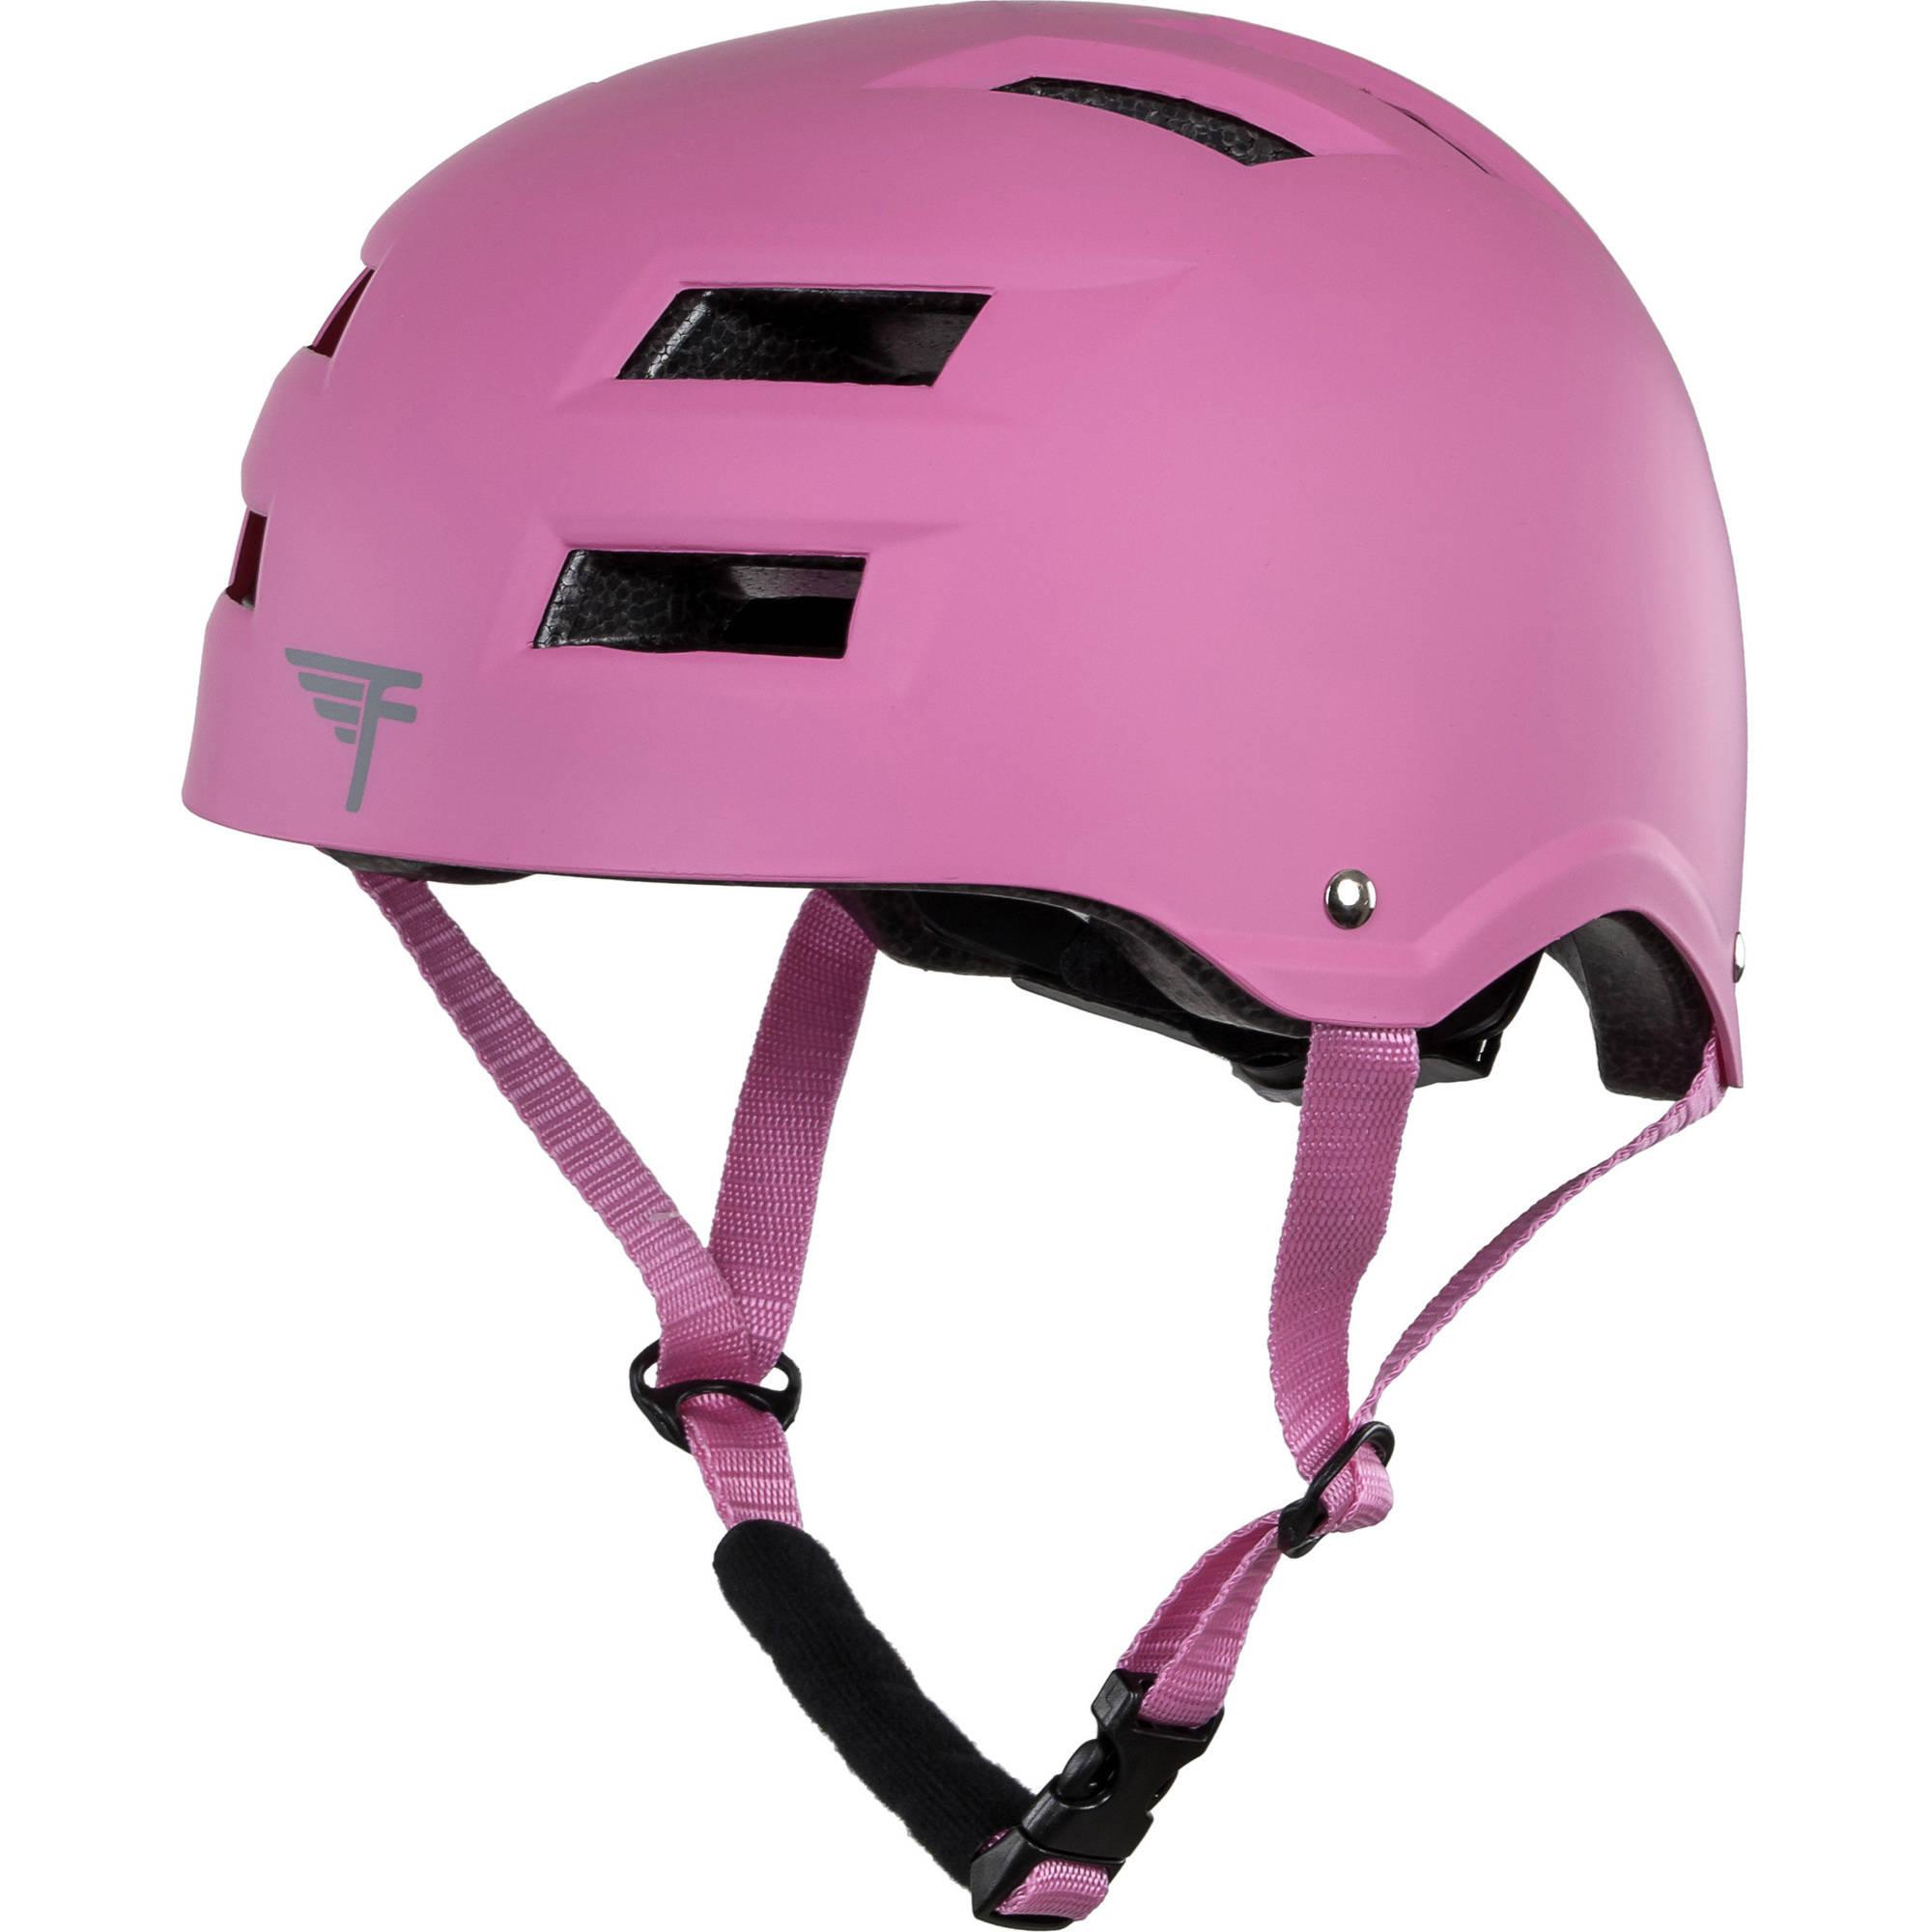 Flybar Multi Sport Helmet, Pink, S/M